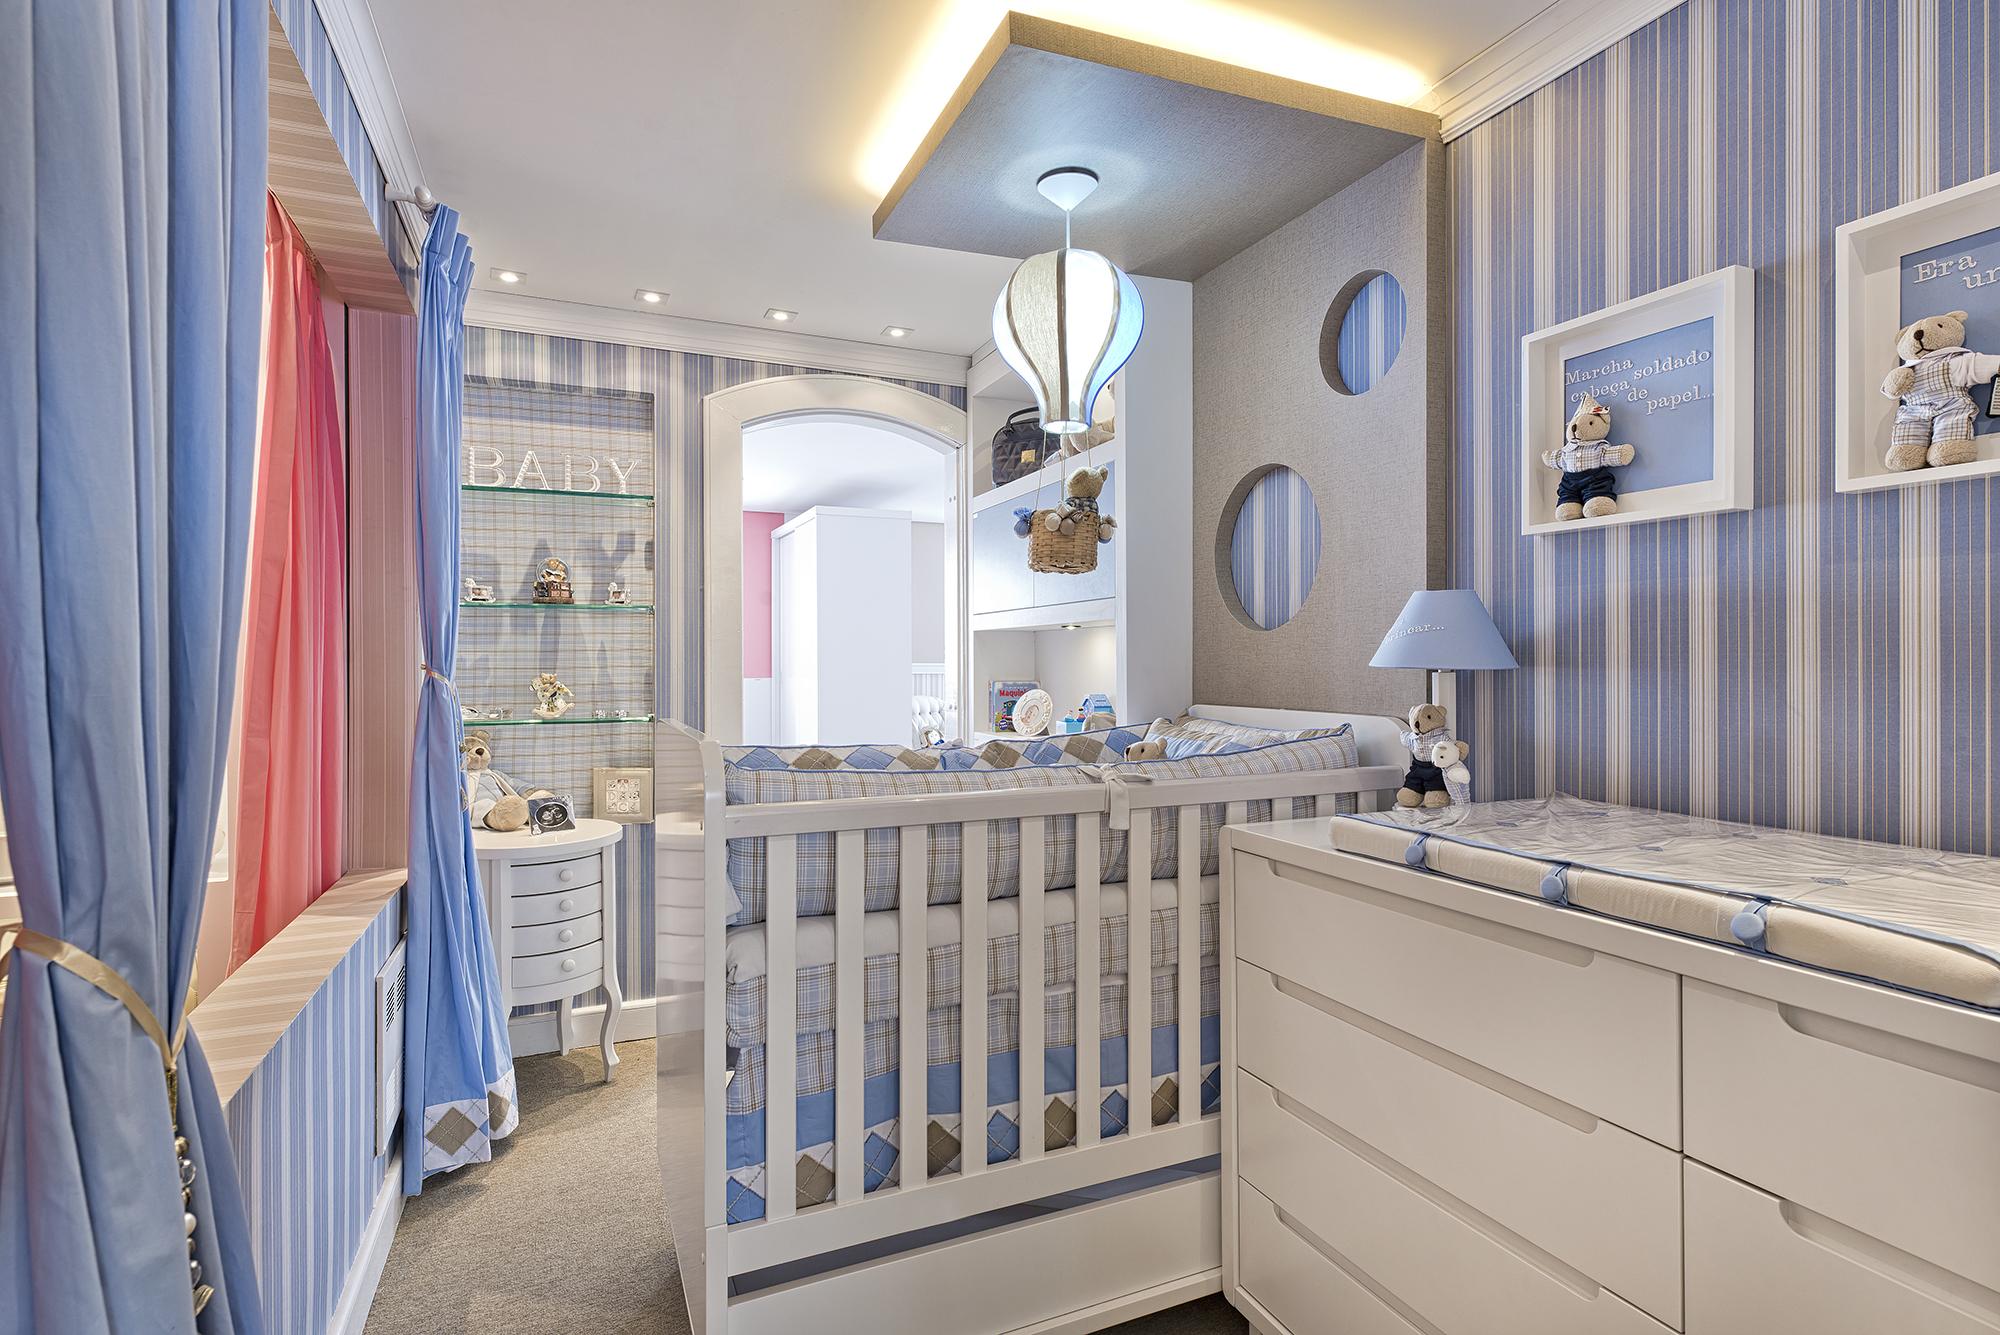 Ideias Para Montar Um Quarto De Bebe ~ ideias para montar quarto de beb? para menino e unissex  Mam?e